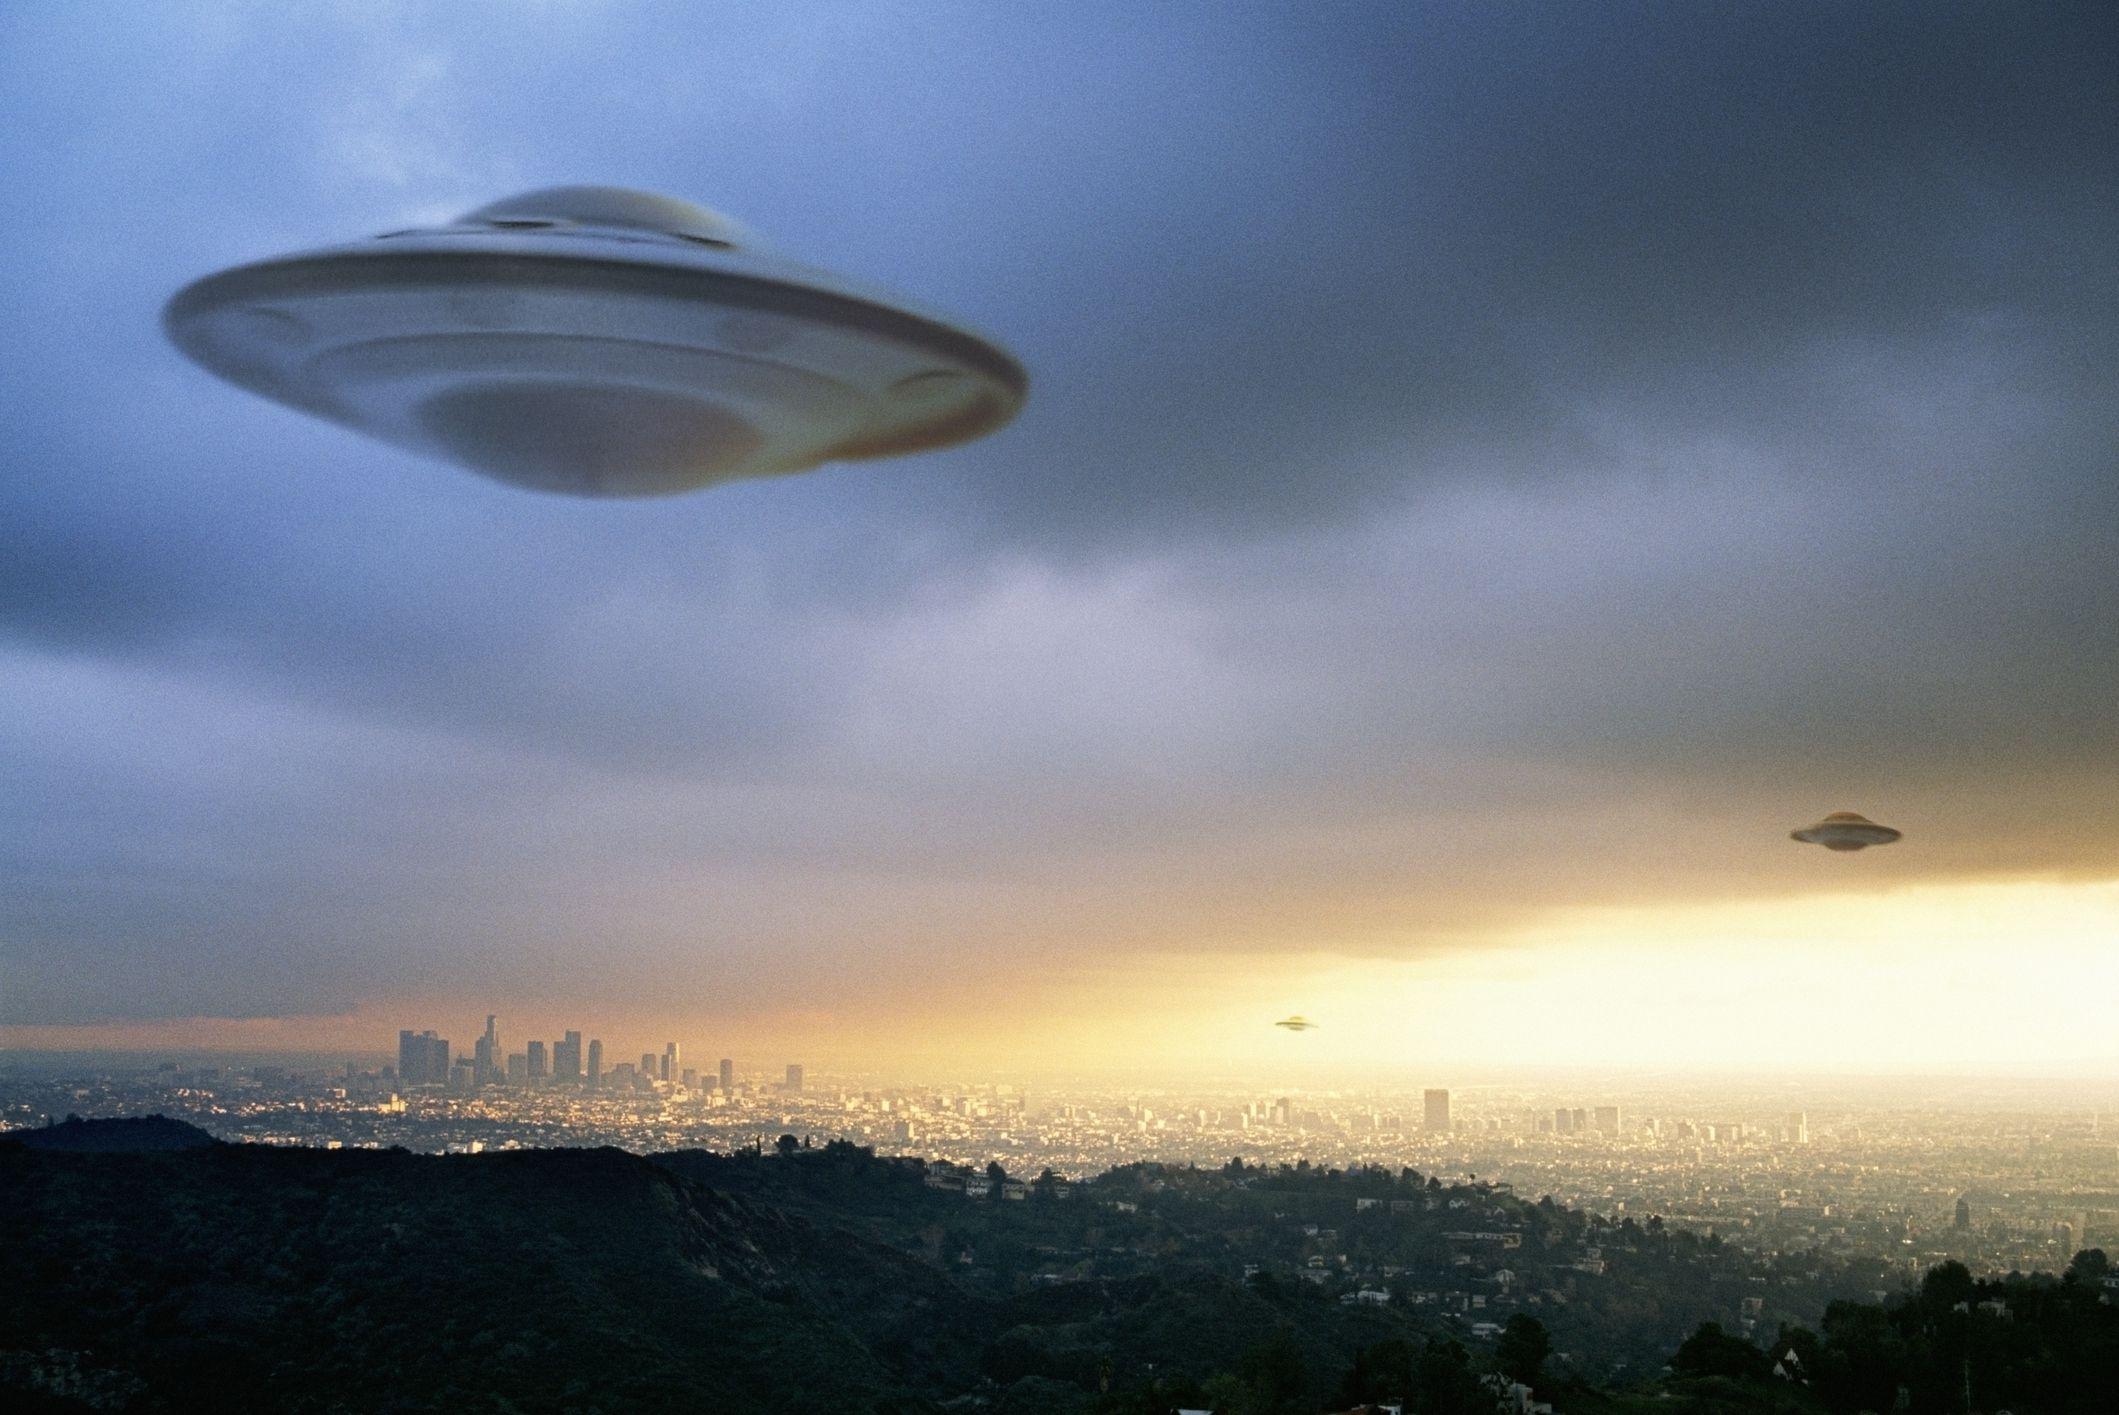 Istilah Benda Terbang Aneh Yang Sering Disebut UFO